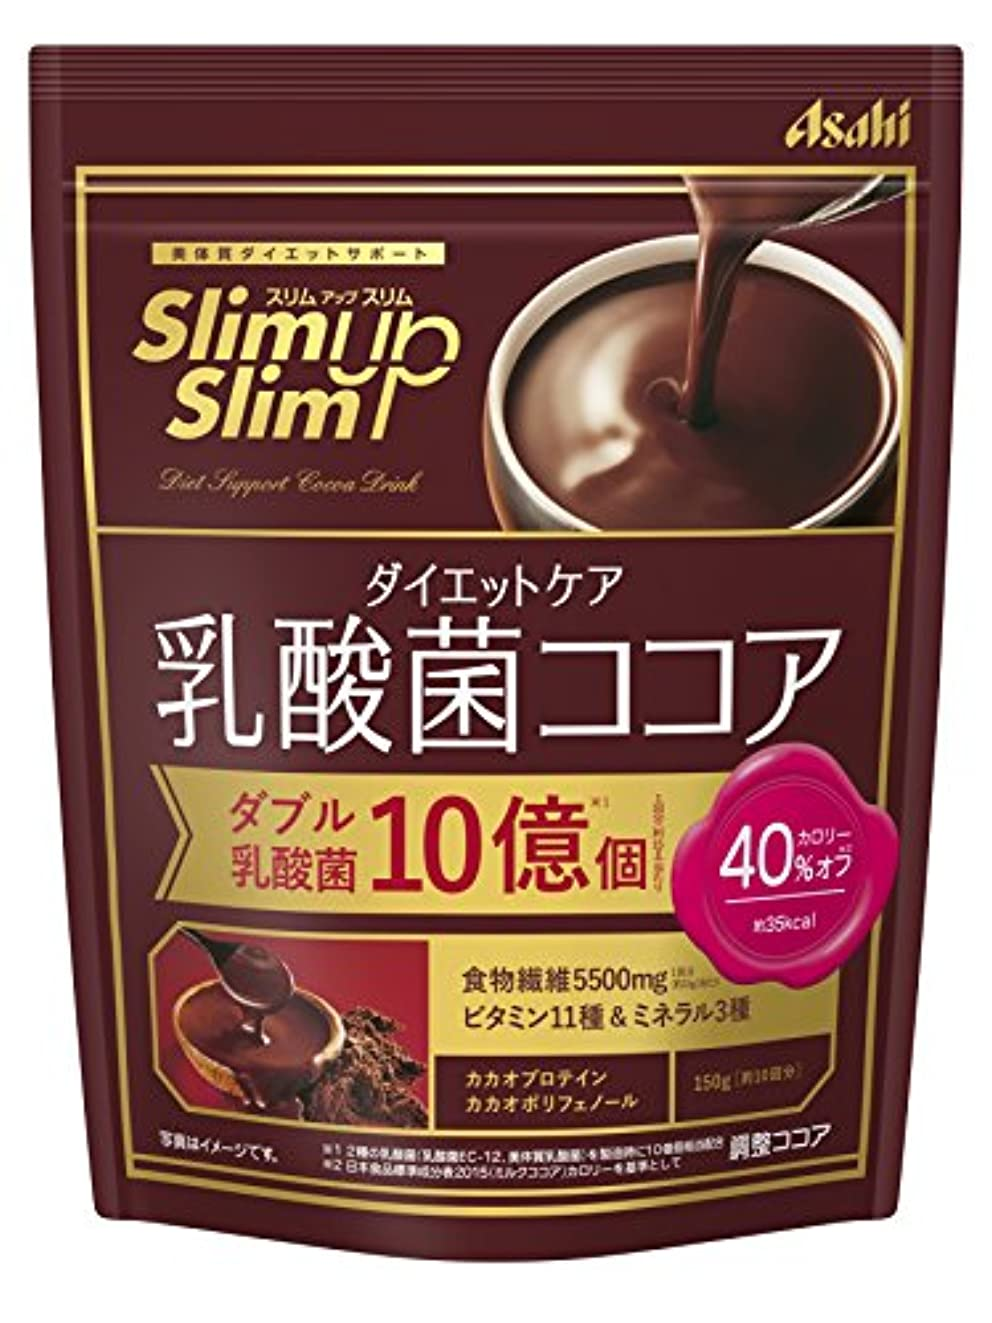 体終了する大胆不敵スリムアップスリム ダイエットケア乳酸菌ココア 150g